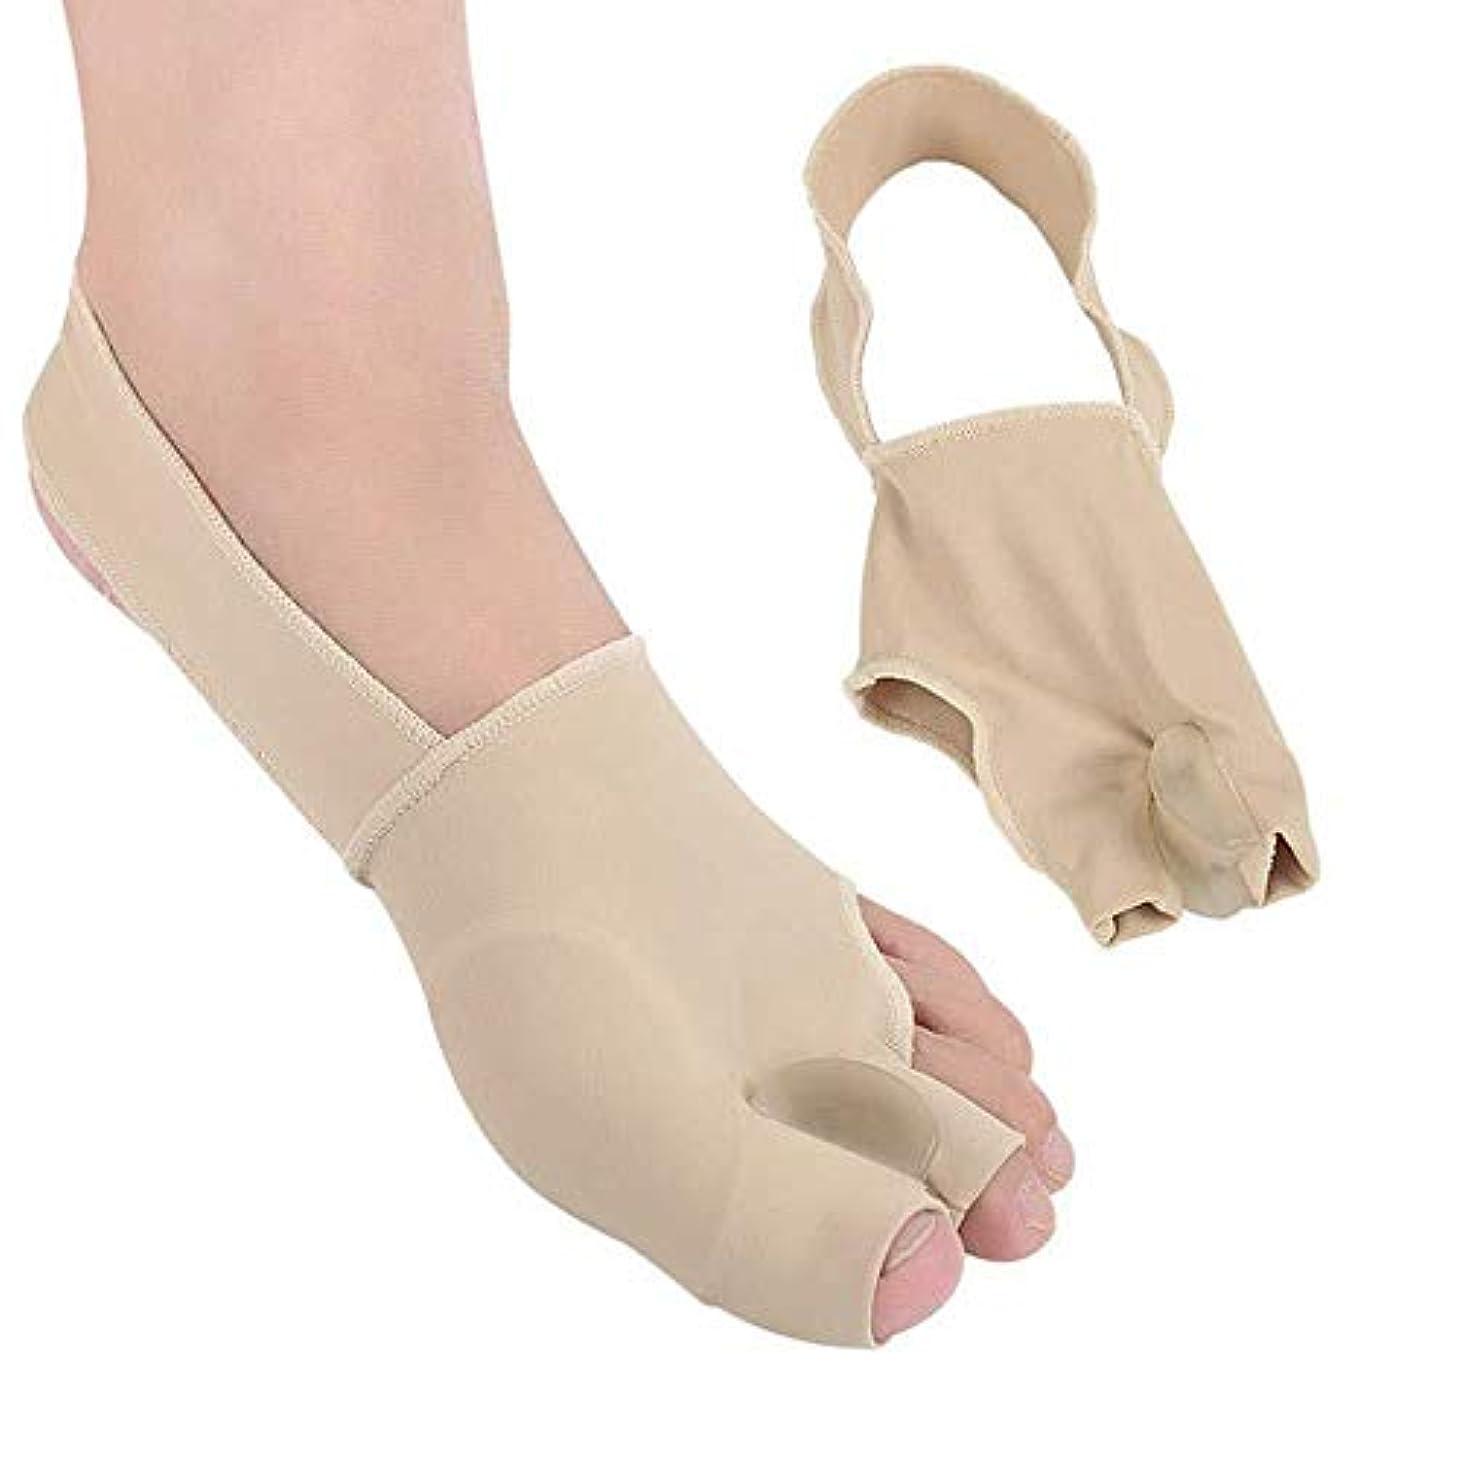 忍耐パン屋差別するつま先セパレーター、足の痛みを緩和する運動の治療のための超薄型整形外科のつま先の外反母supportサポート,S